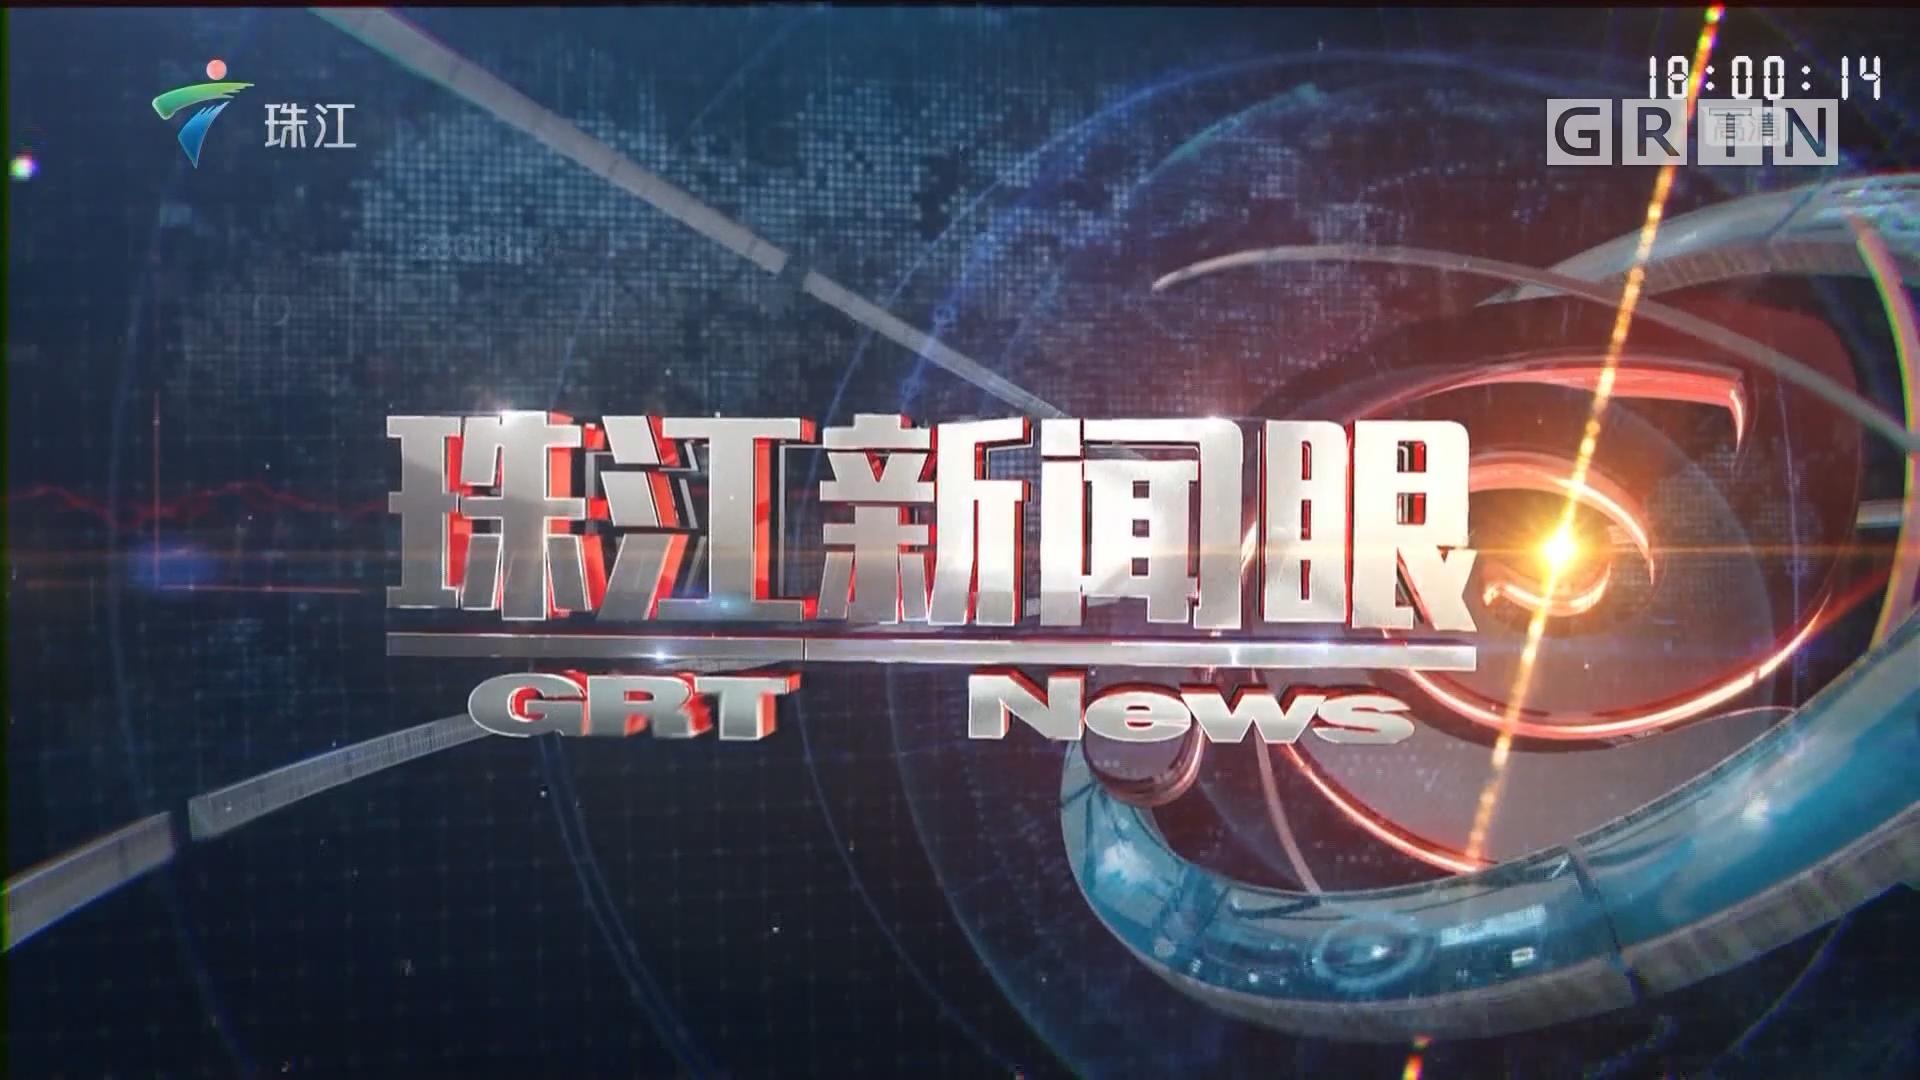 [HD][2018-12-01]珠江新聞眼:廣東艾滋病總體疫情控制在低流行水平